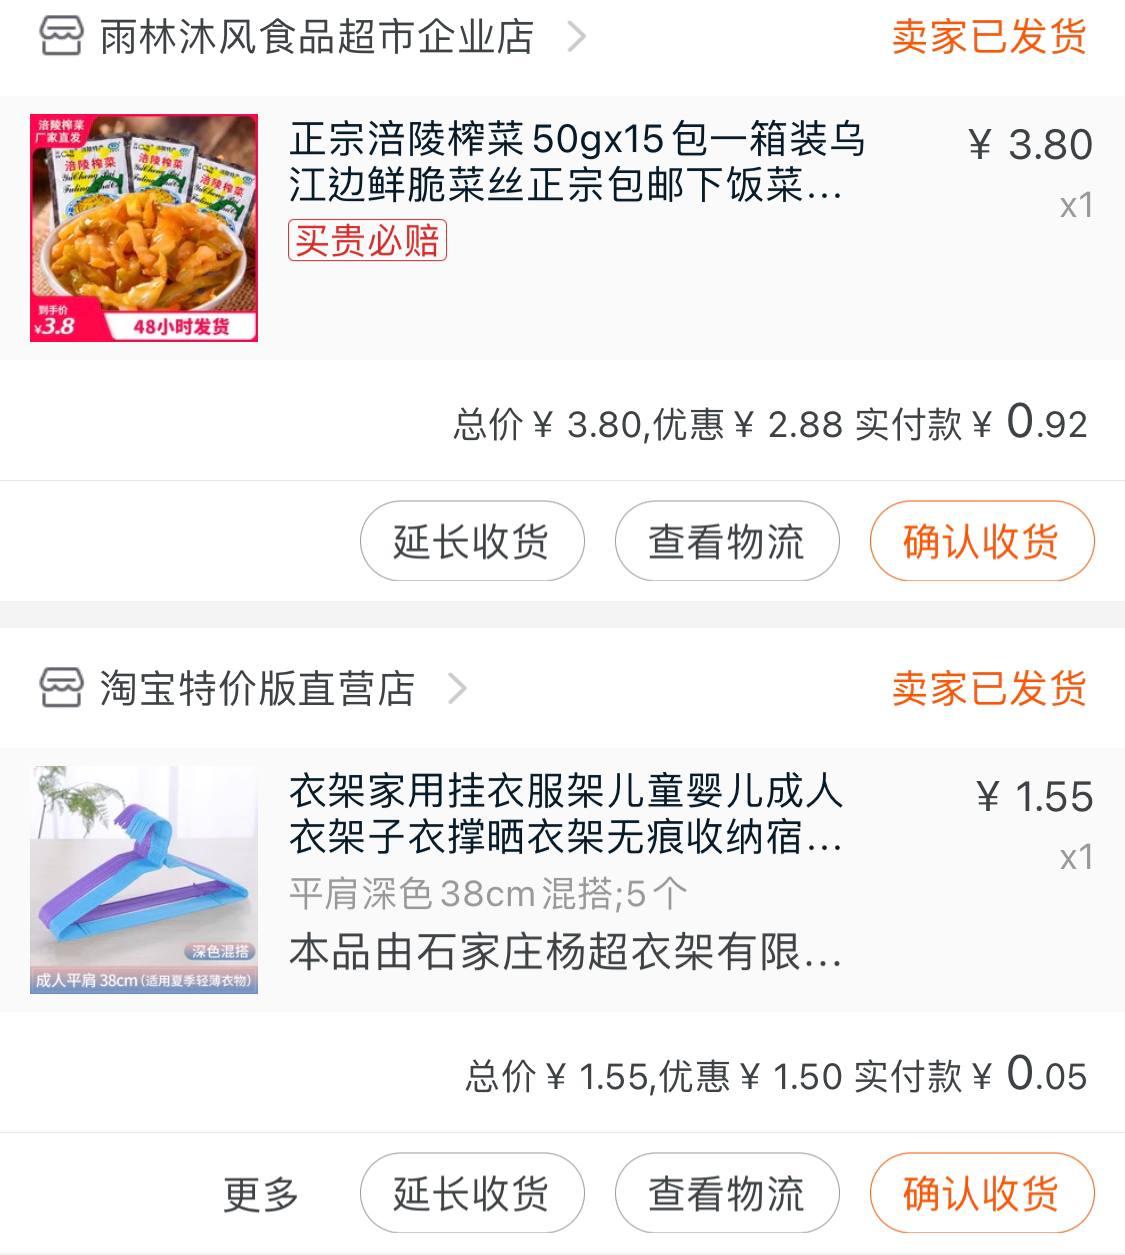 https://cdn.jsdelivr.net/gh/xianbaoyun/img/2021/up/e20e50.png